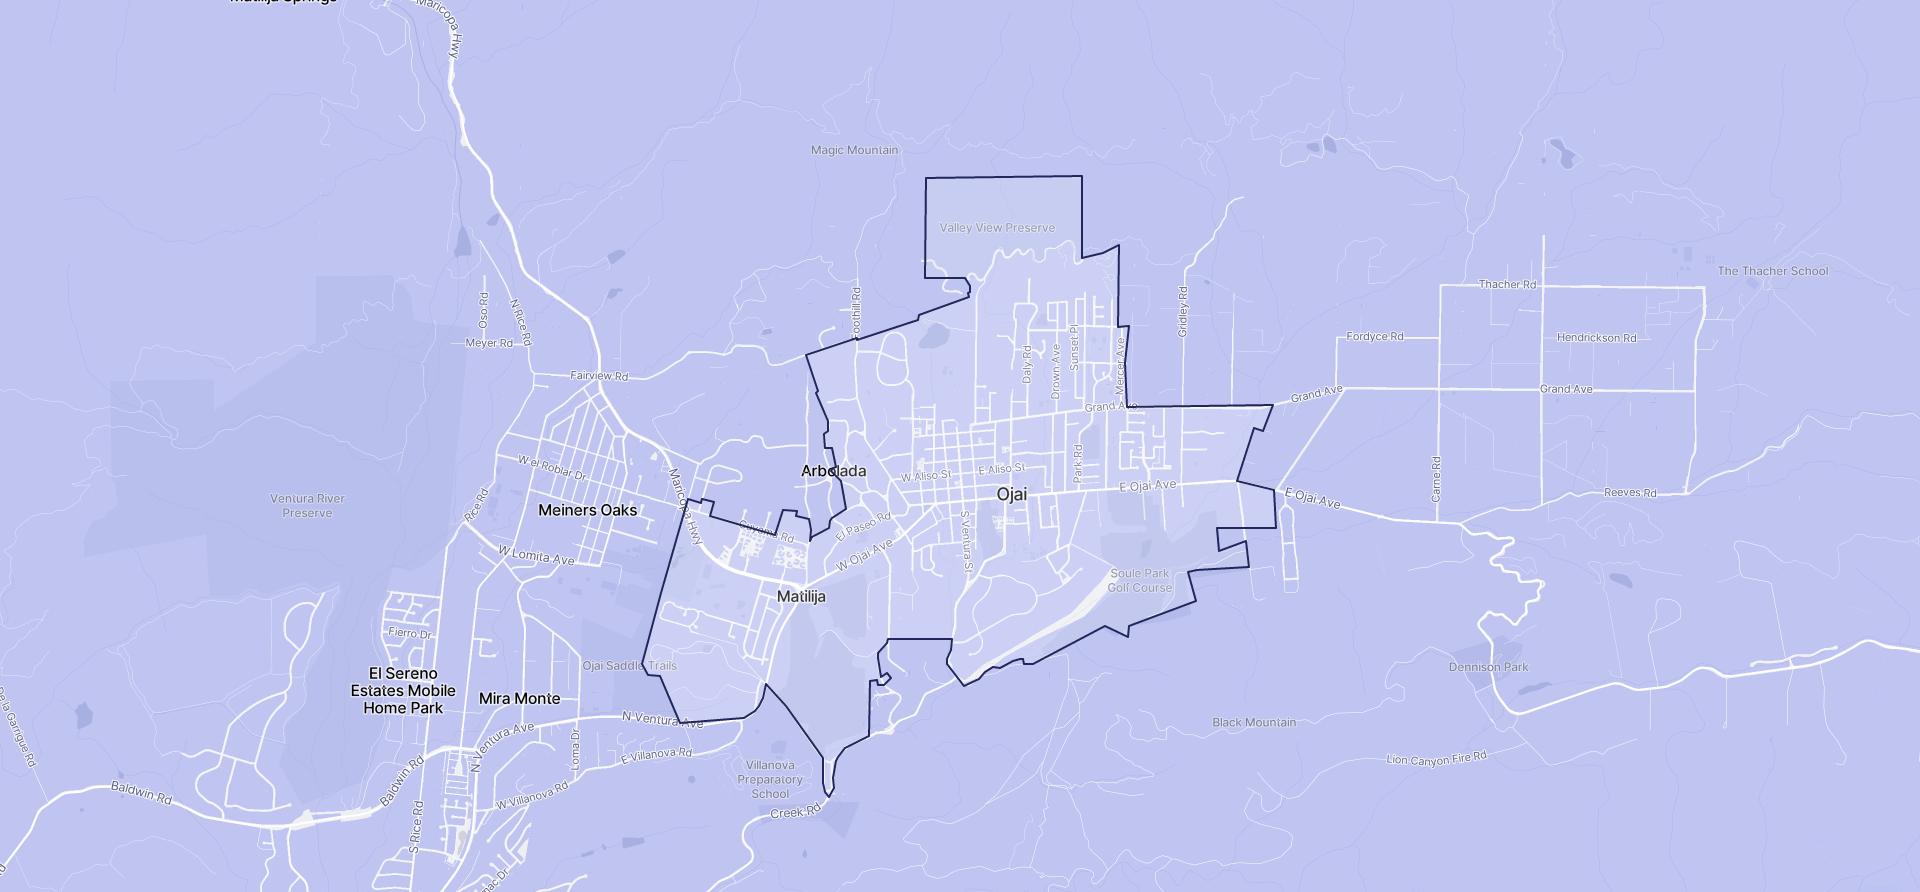 Image of Ojai boundaries on a map.